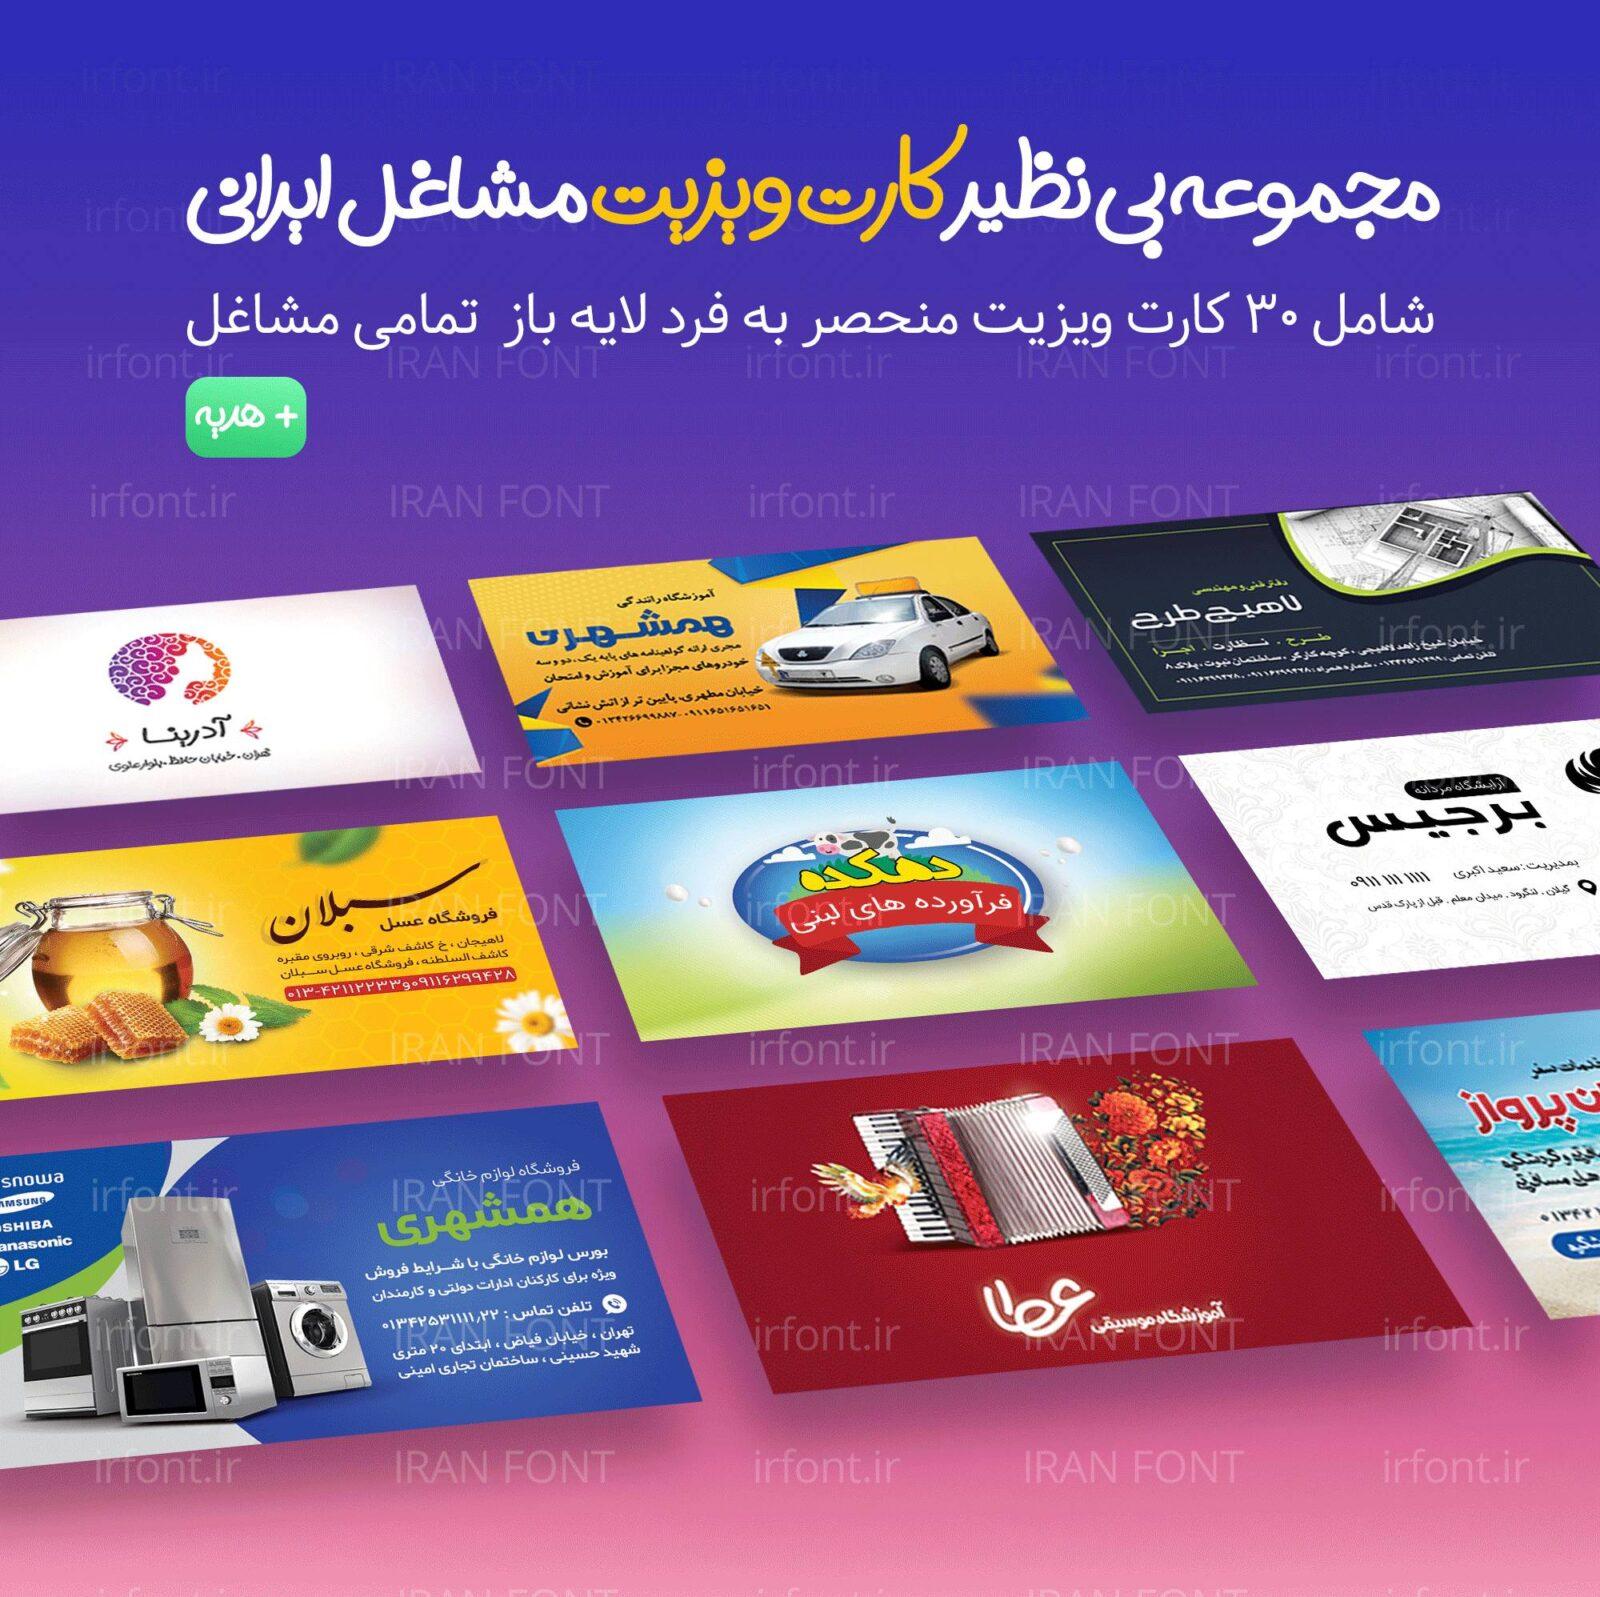 مجموعه بینظیر 30 کارت ویزیت مشاغل ایرانی